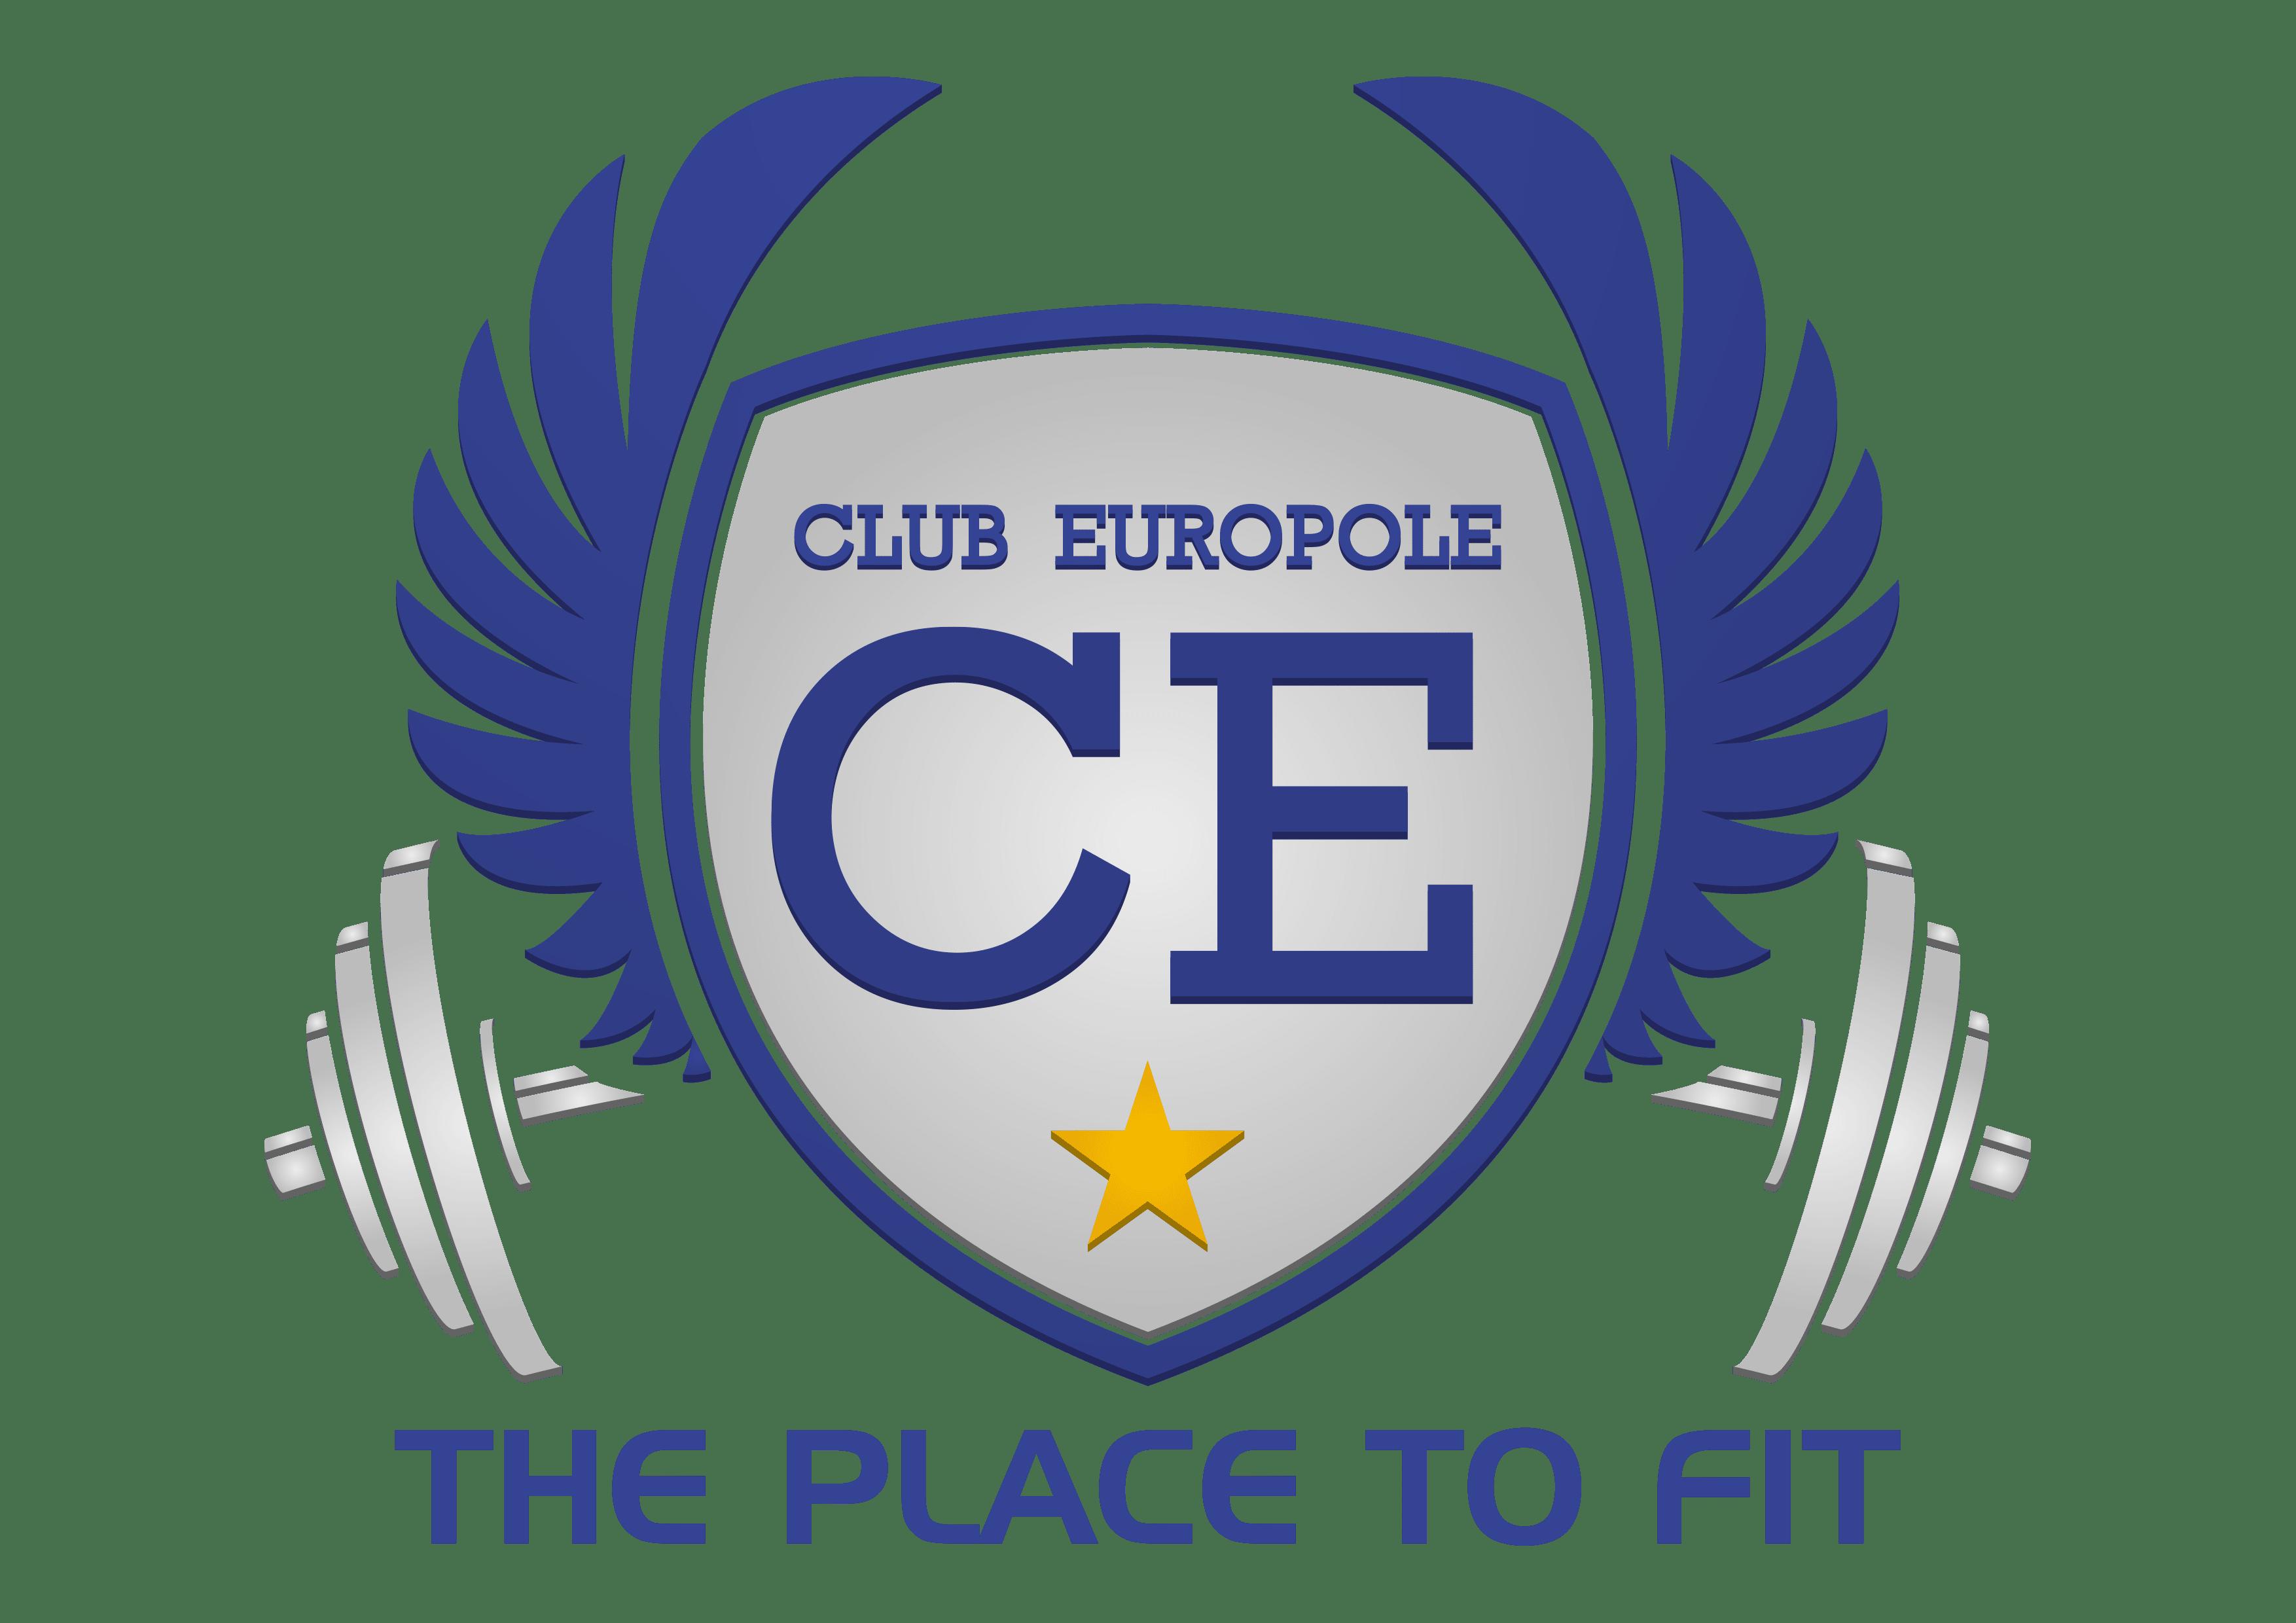 CLUB_EUROPOLE